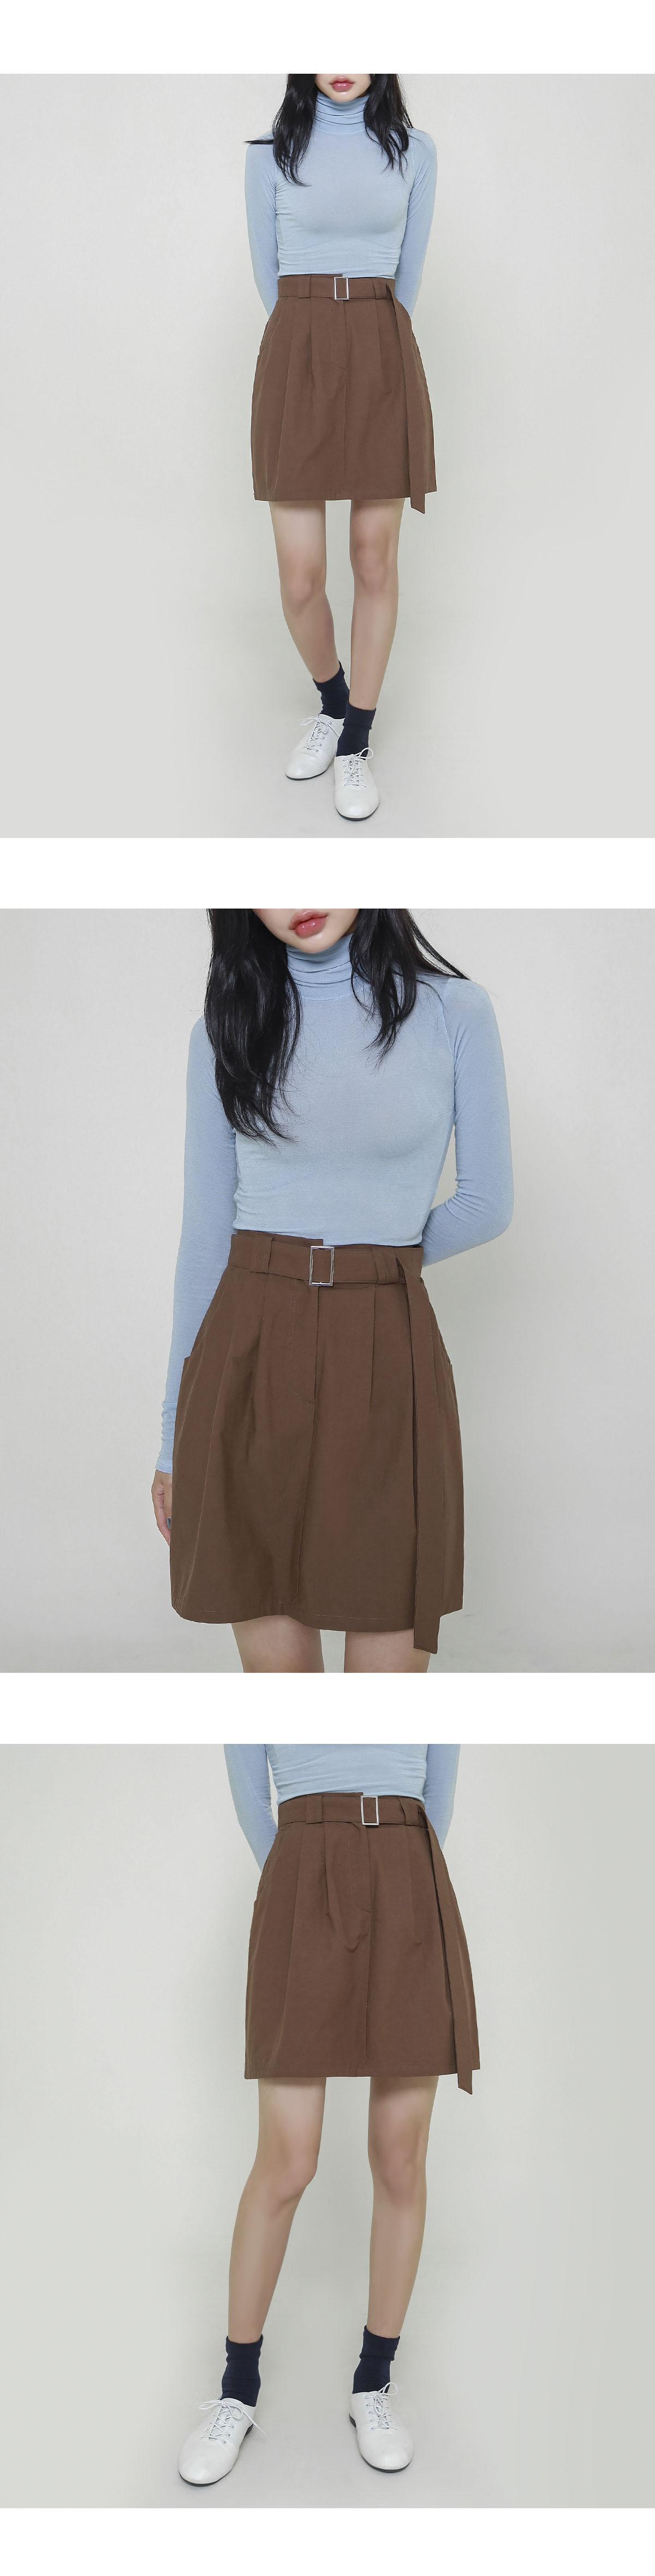 Robin belted skirt